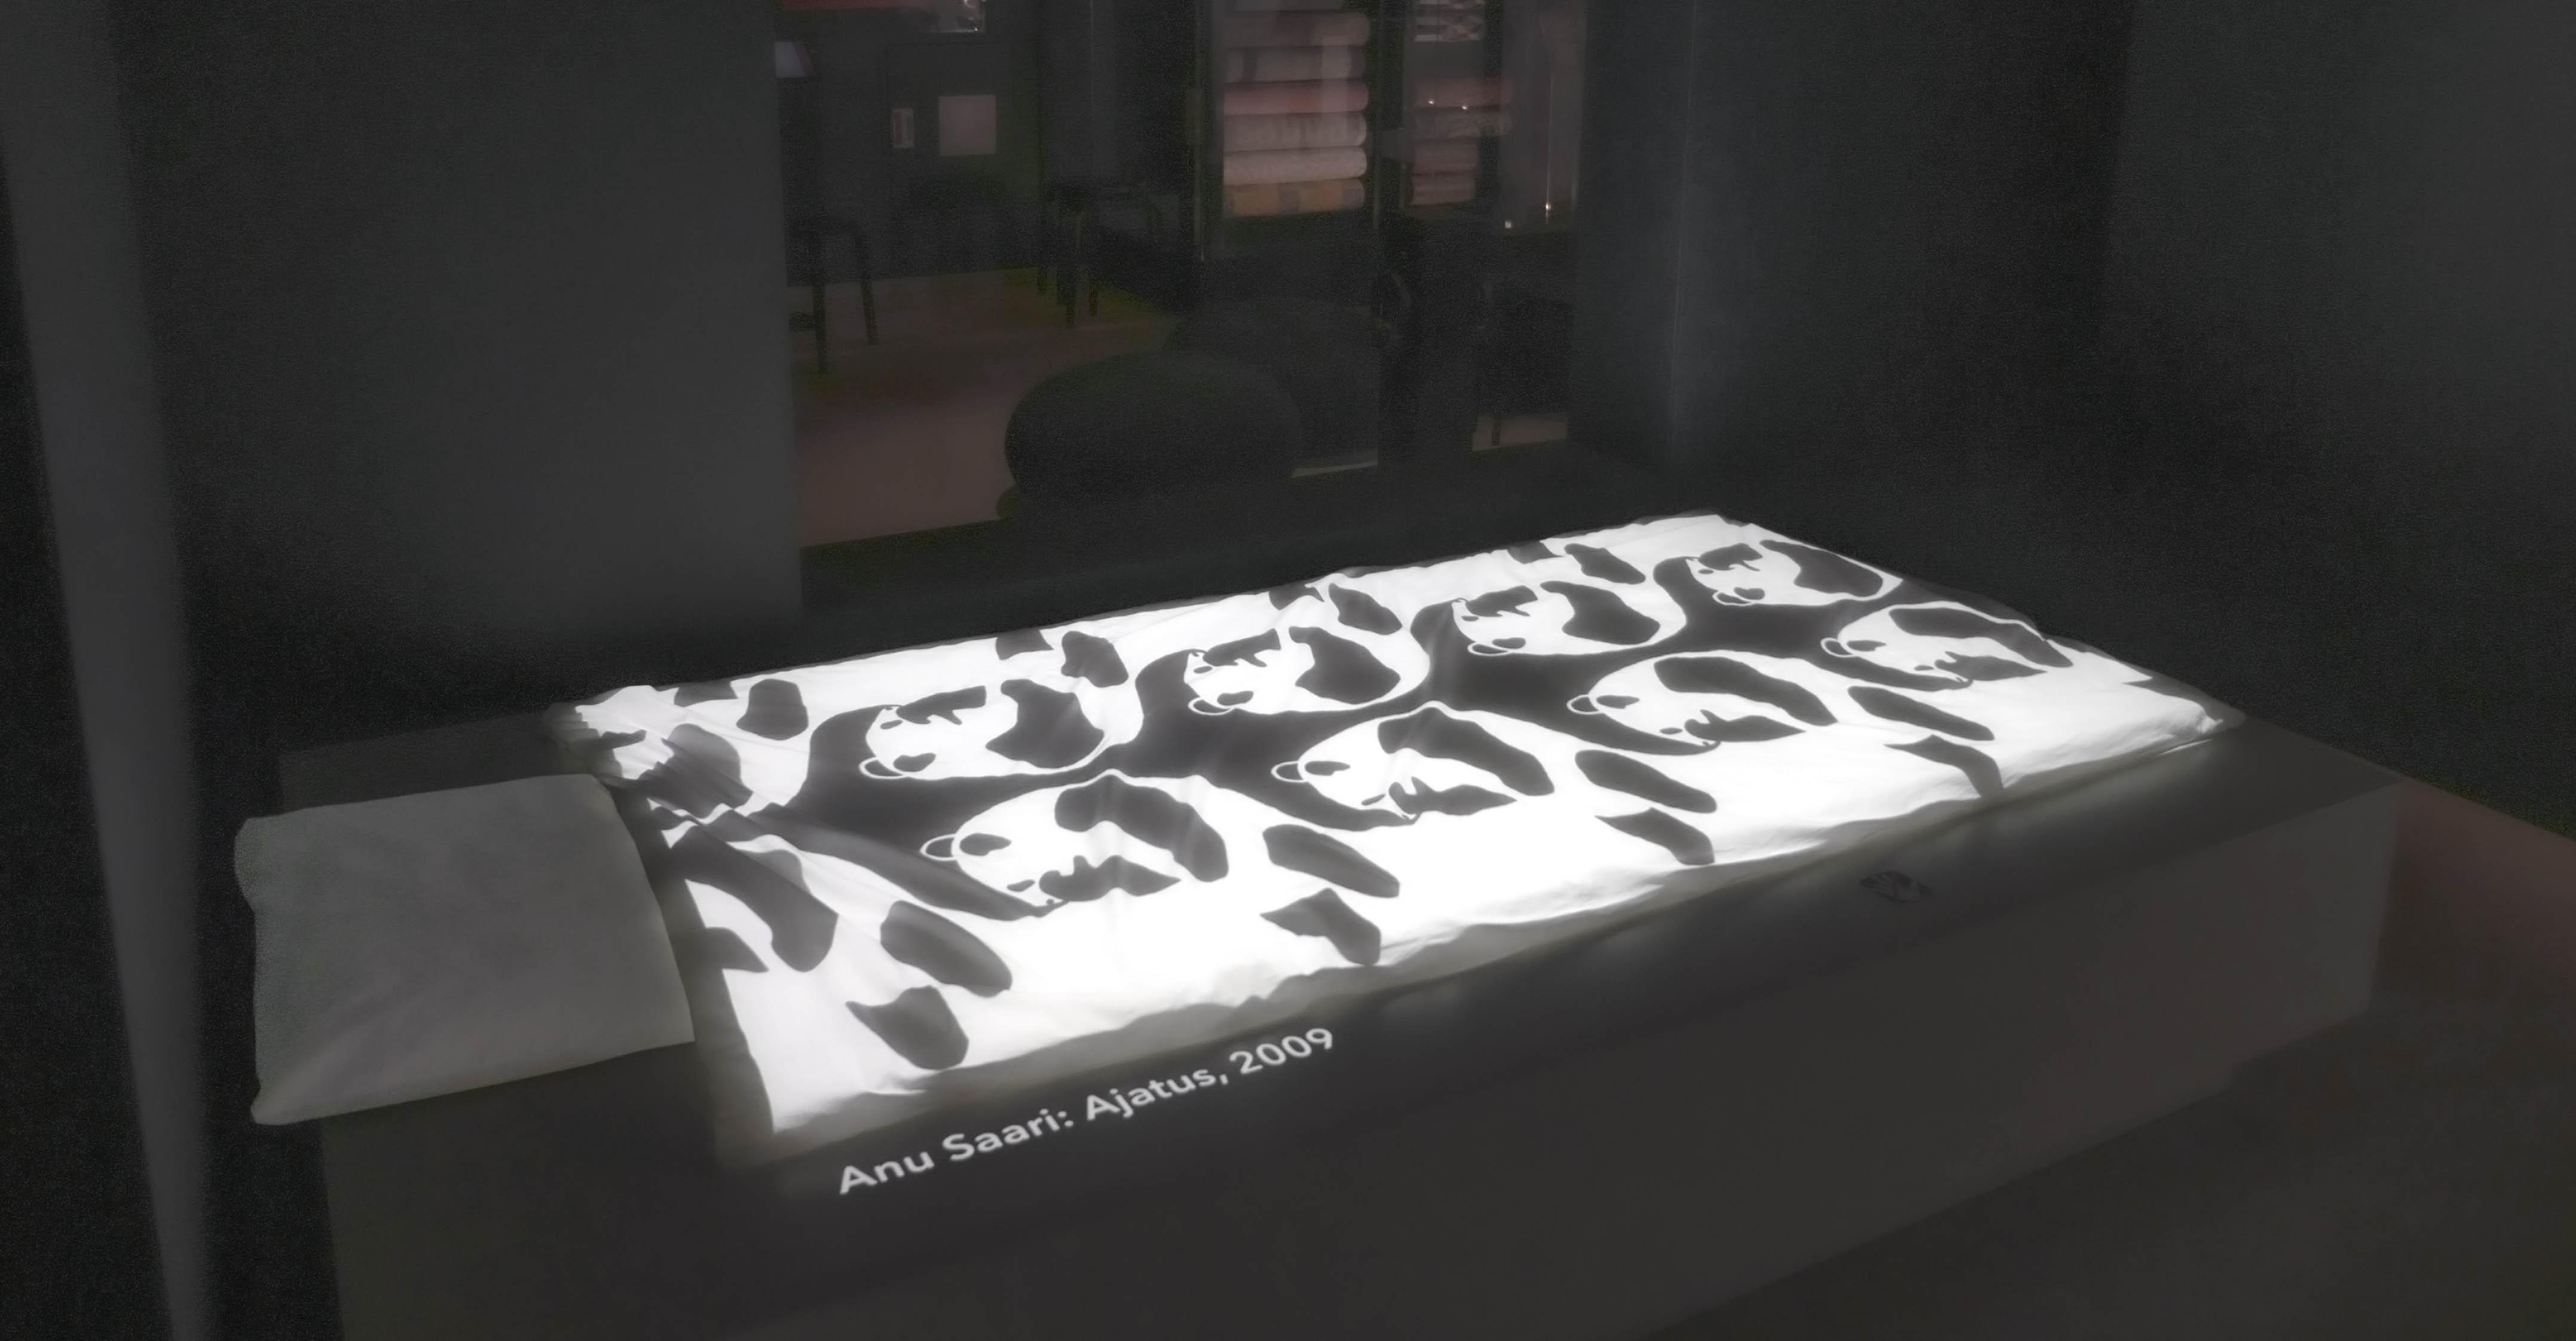 Finlaysonin pussilakanoita, videoprojisointi